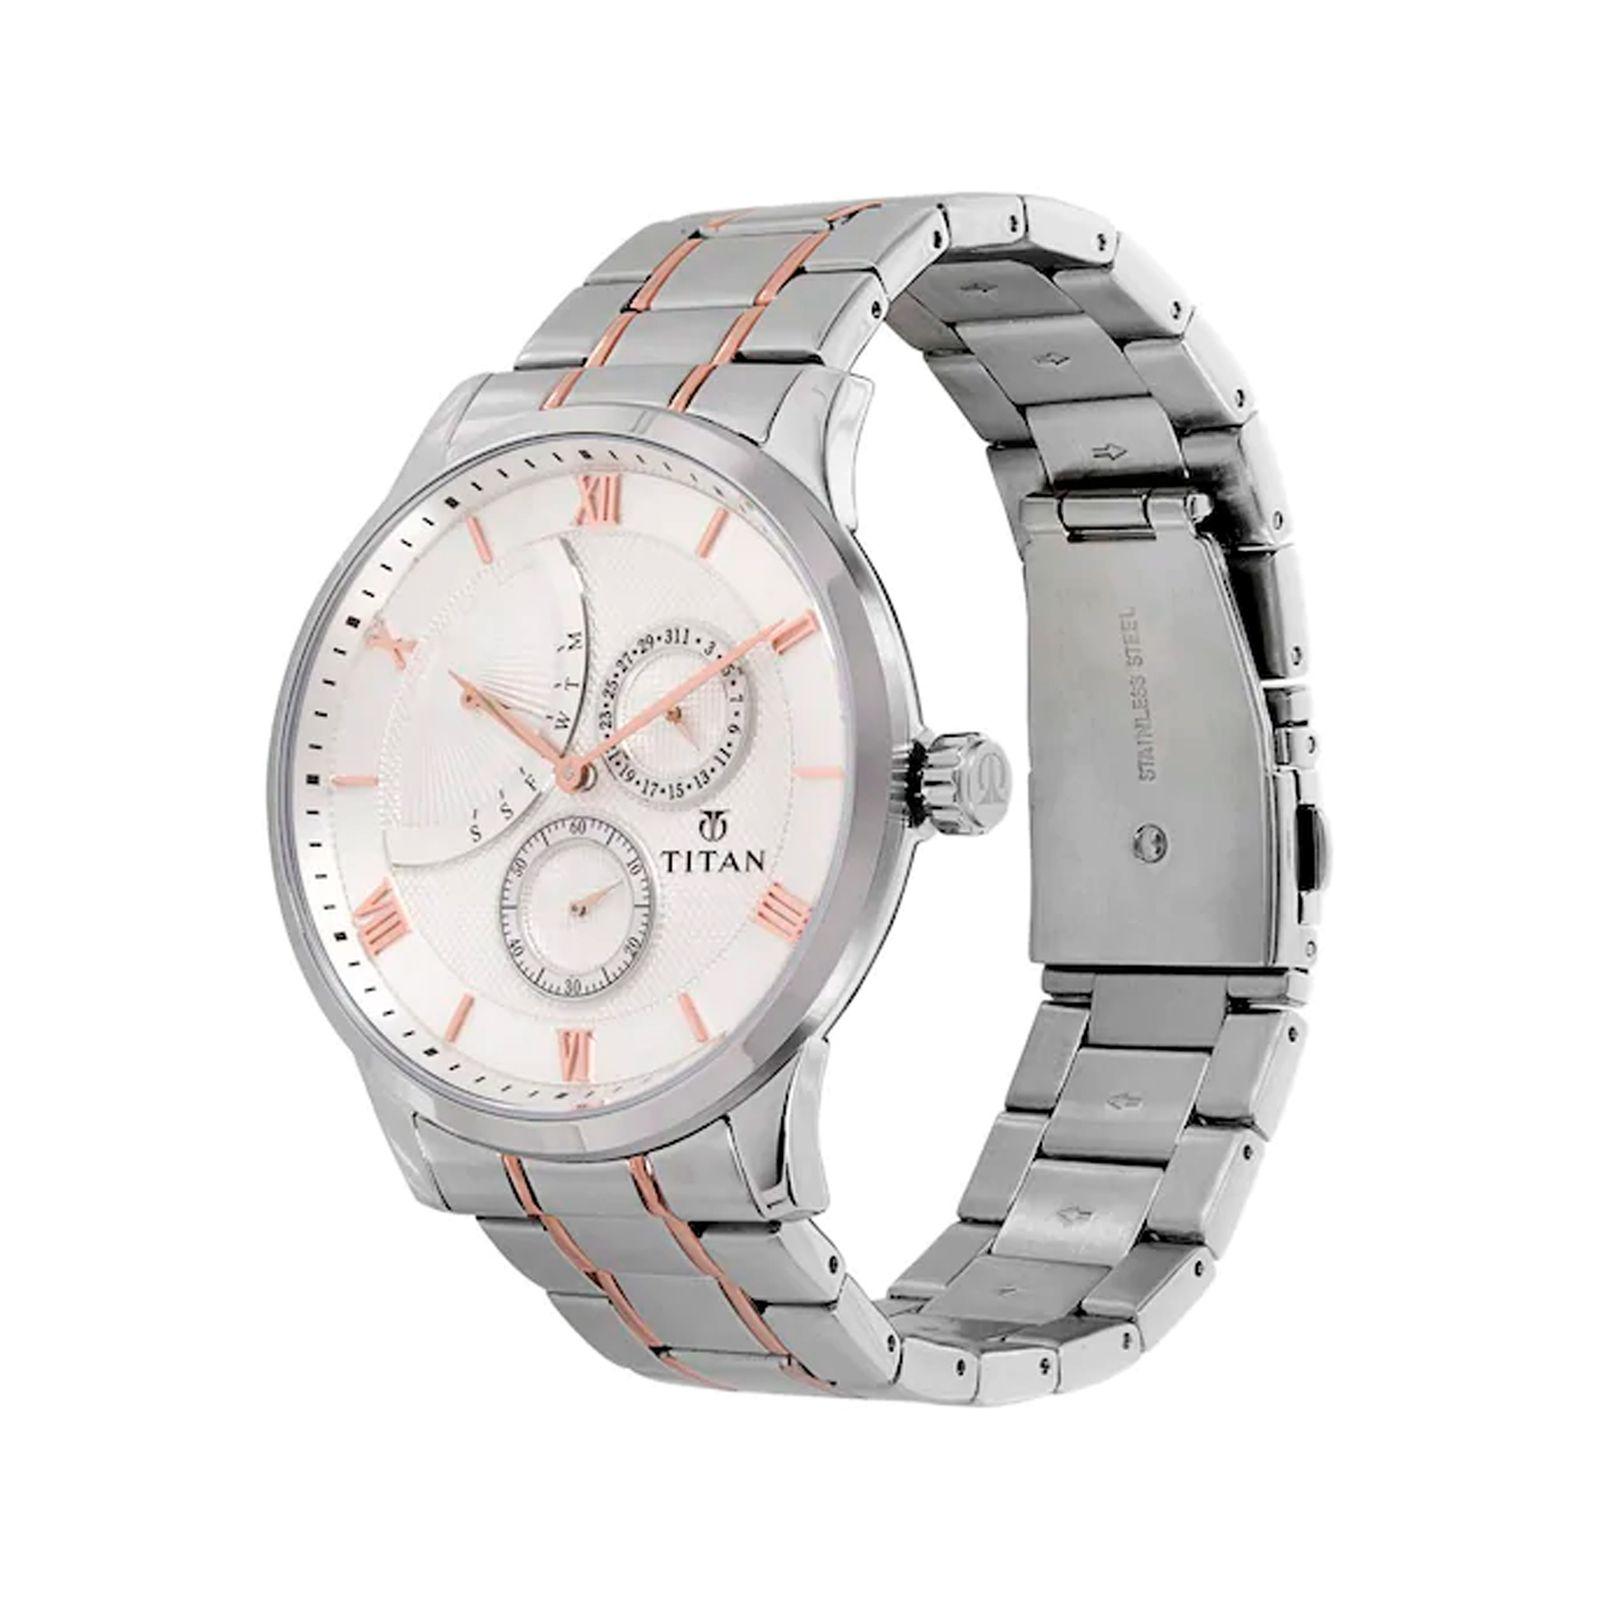 ساعت مچی عقربه ای مردانه تیتان مدل T90101KM01 -  - 2